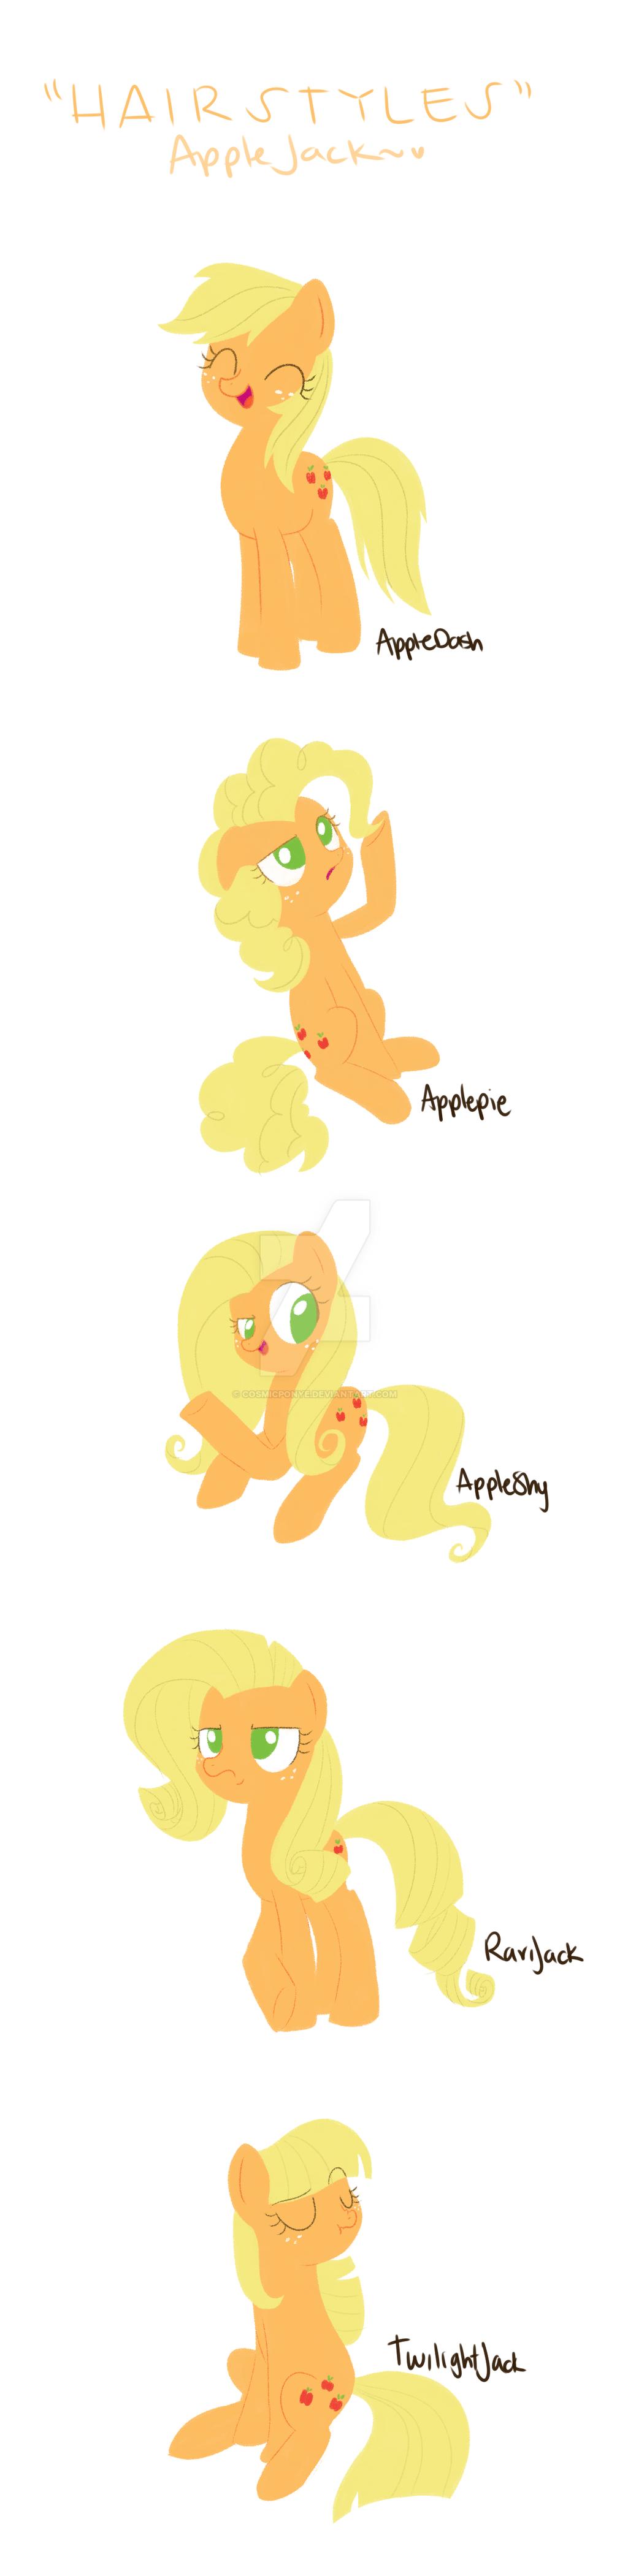 appletastic! by CosmicPonye